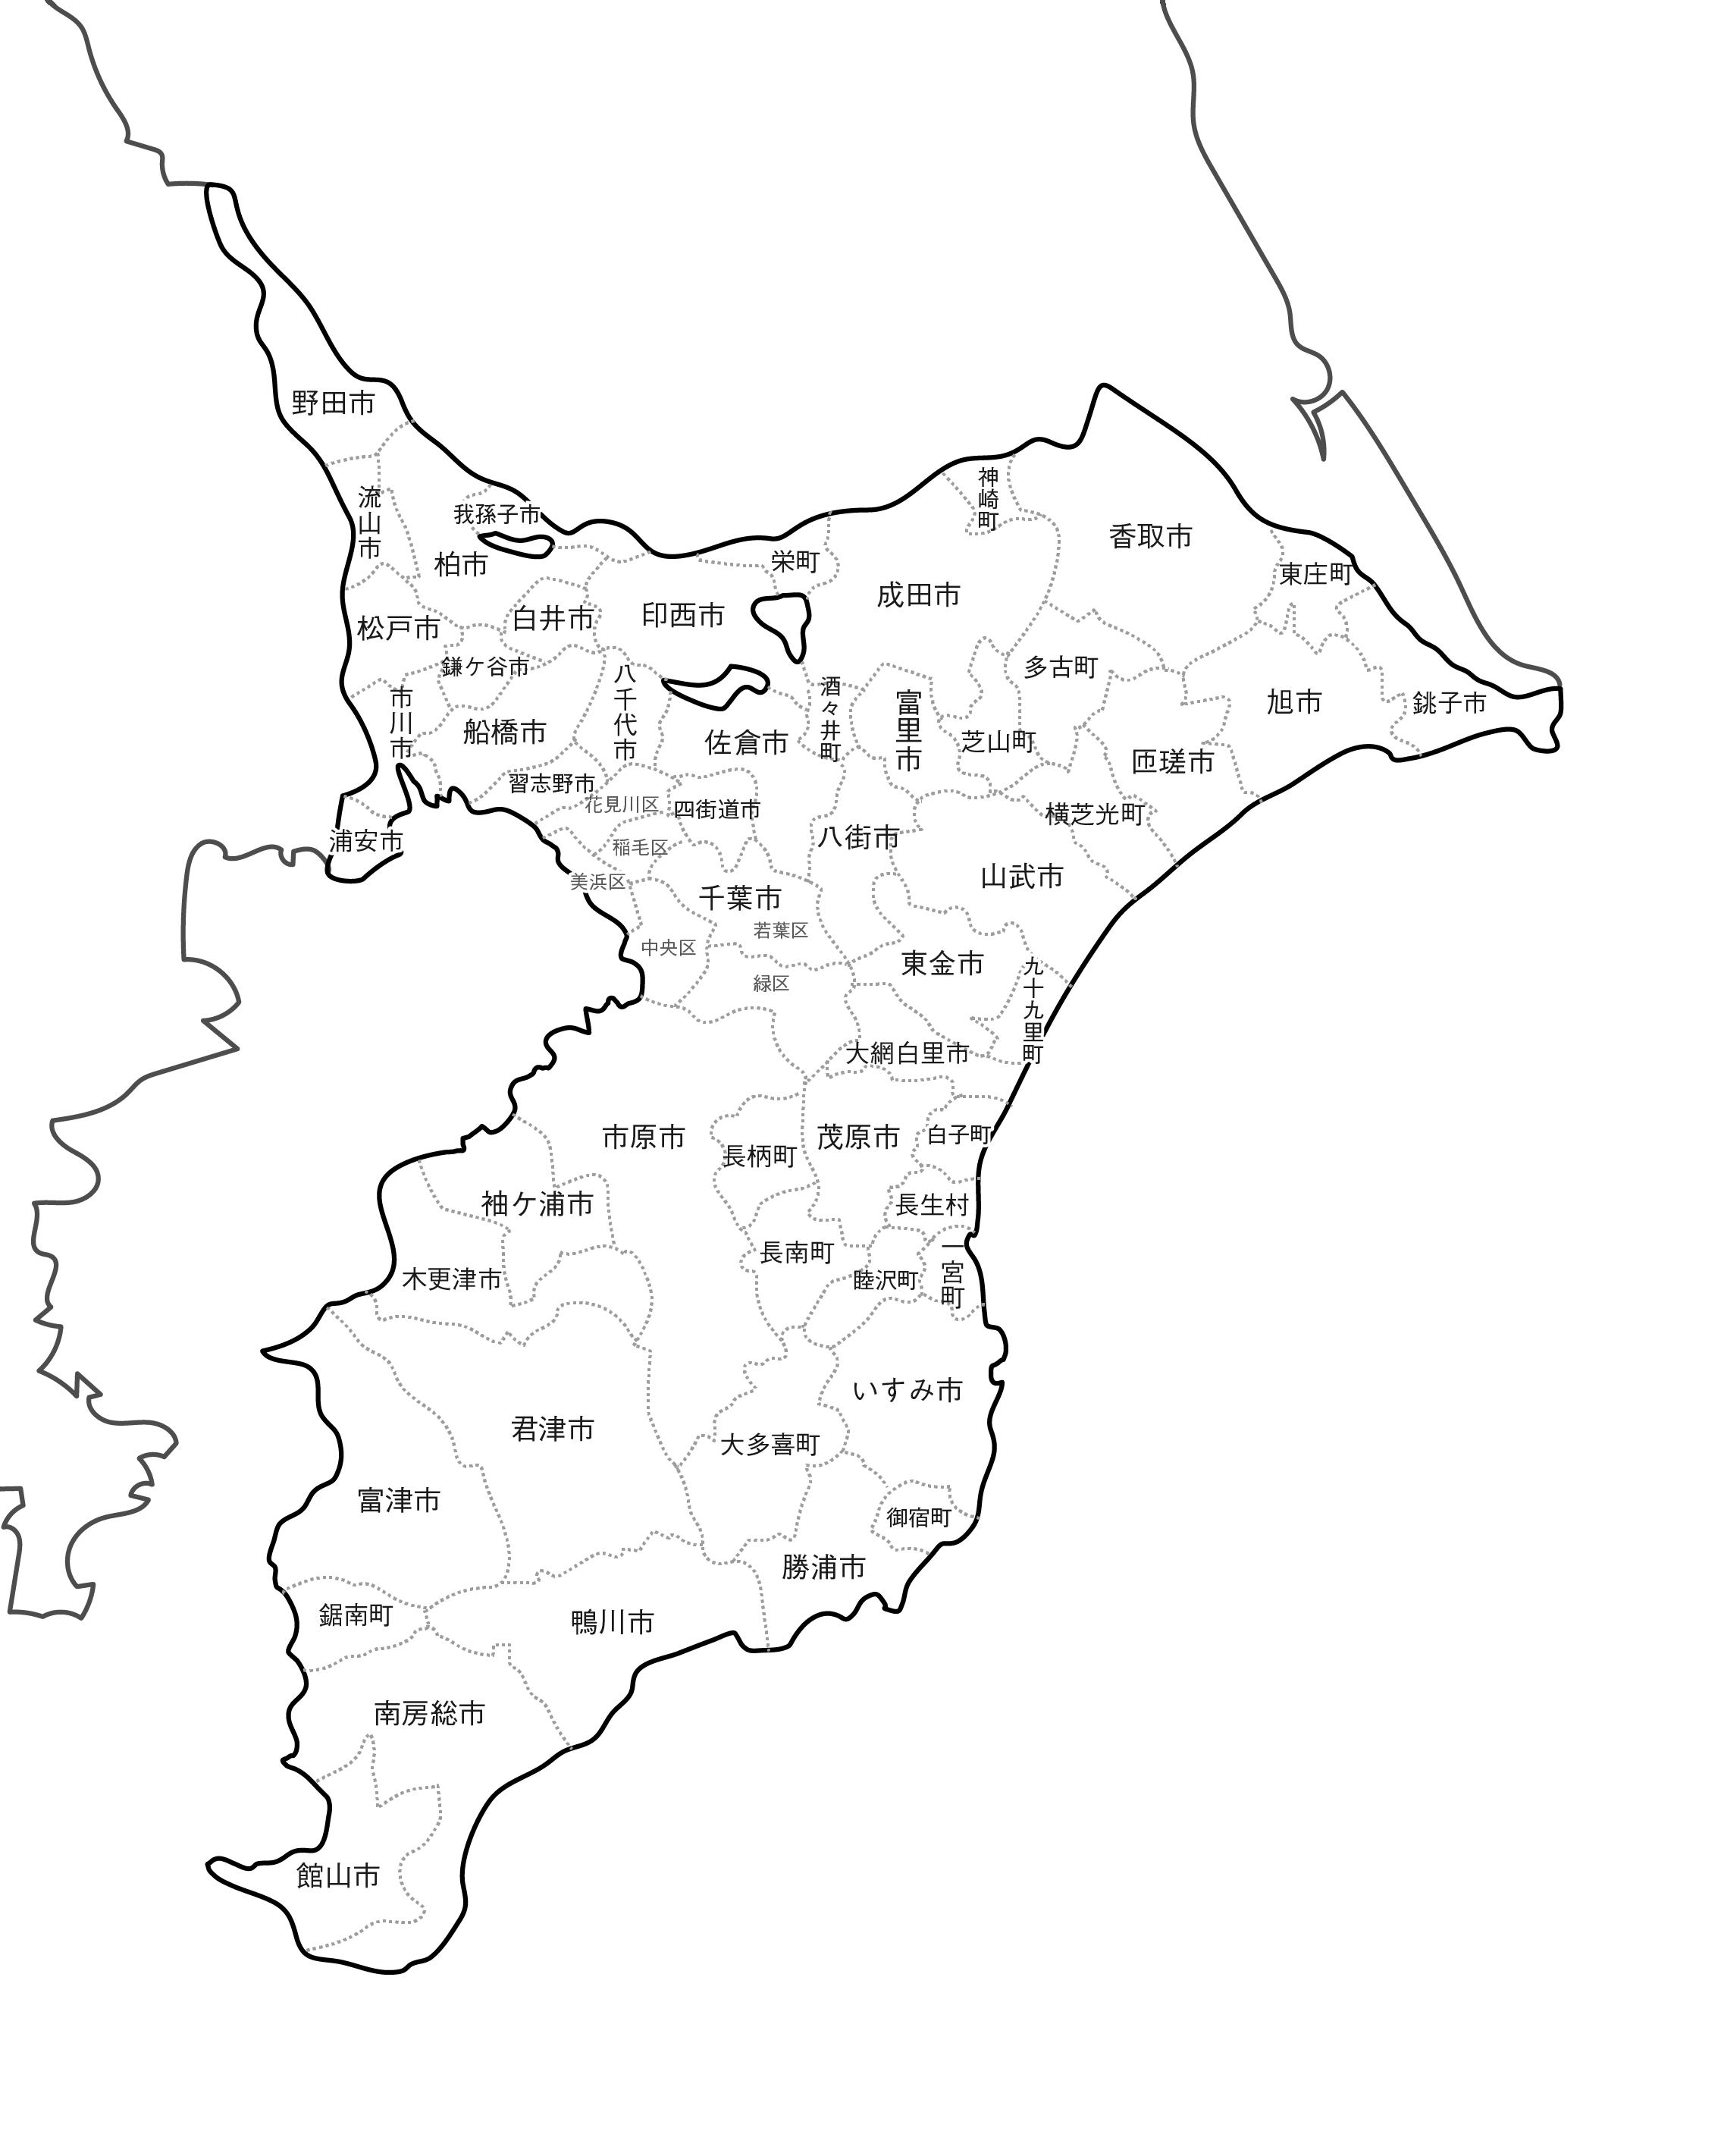 [白地図]千葉県・ラインあり・市区町村名あり・隣県あり